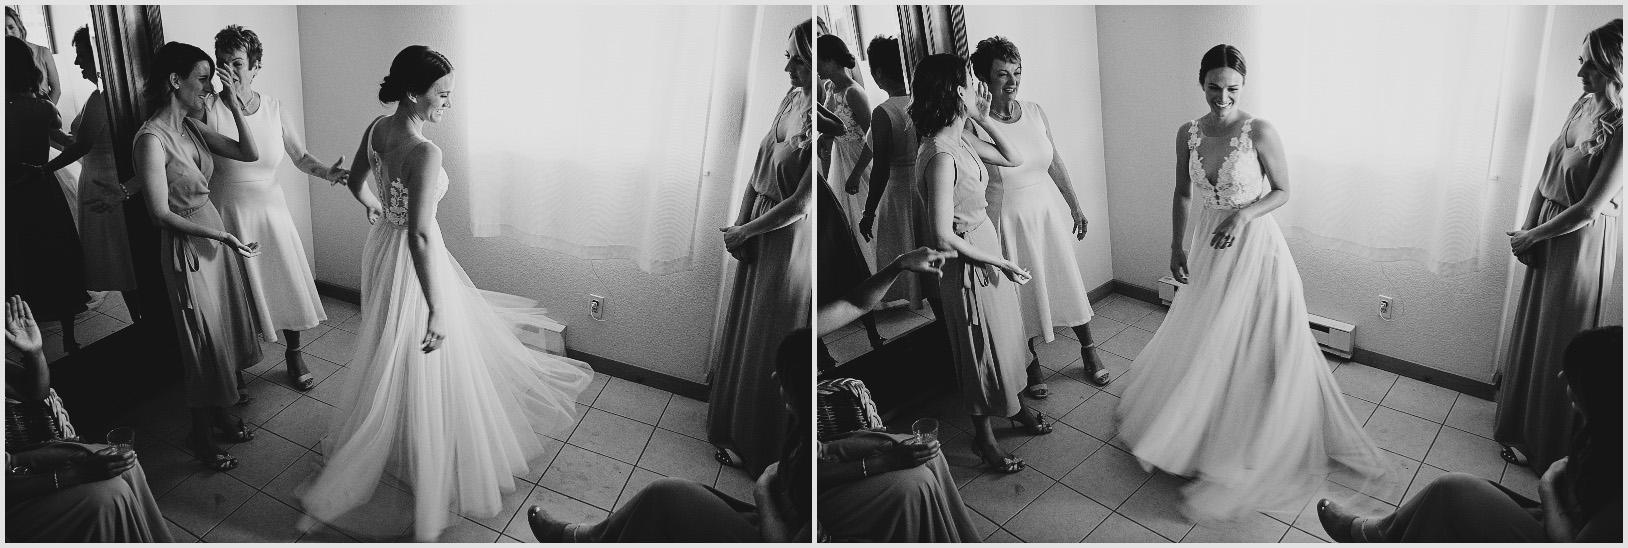 lindseyjane_weddings0012.jpg